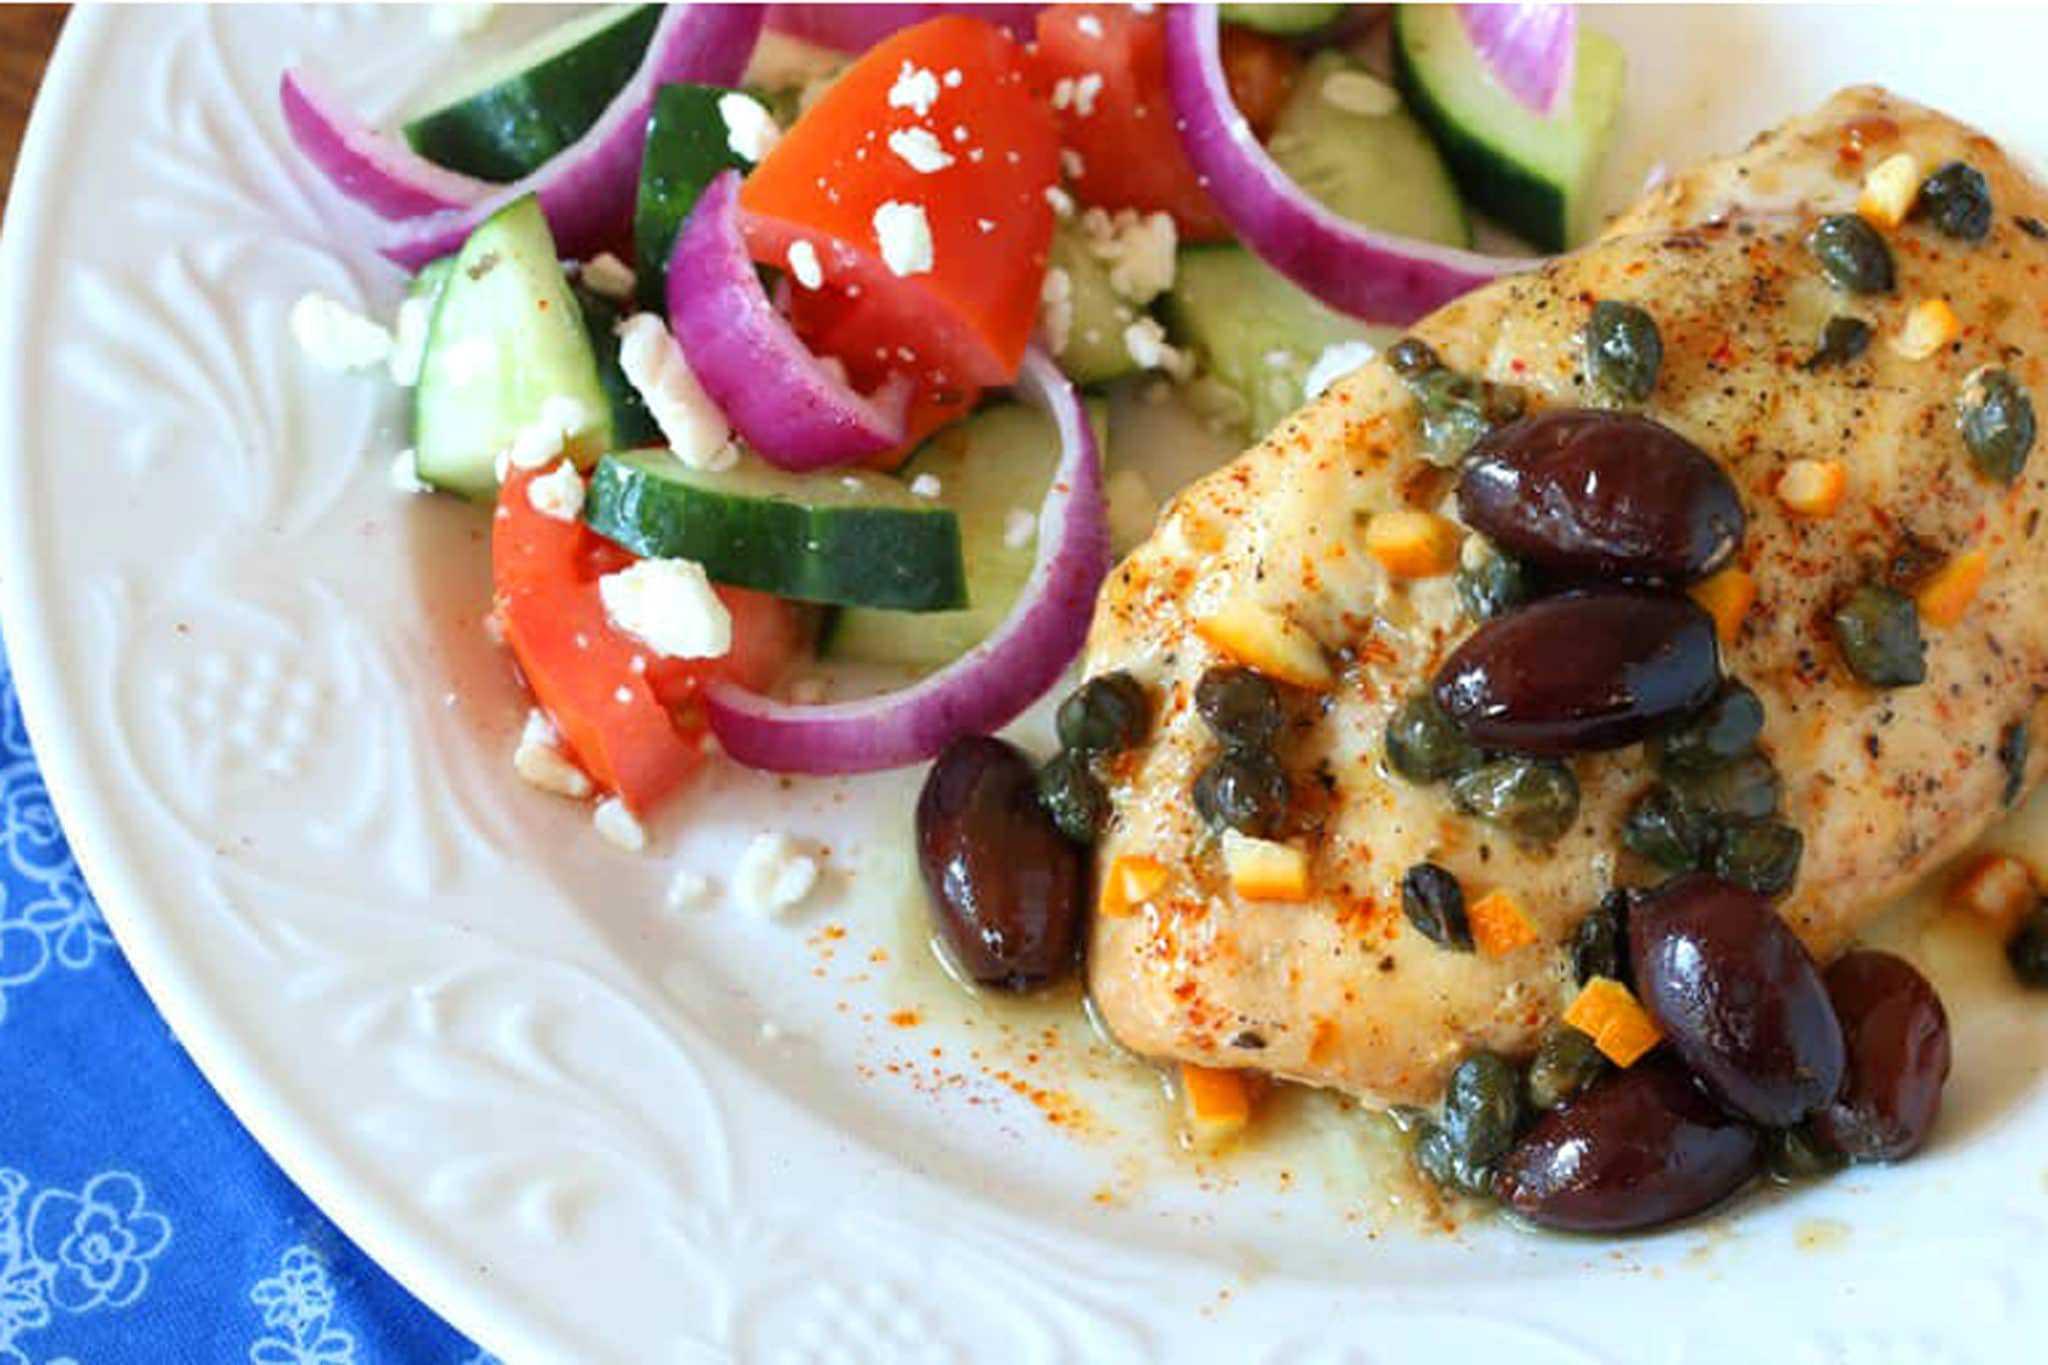 greek chicken recipe slow cooker crock pot easy